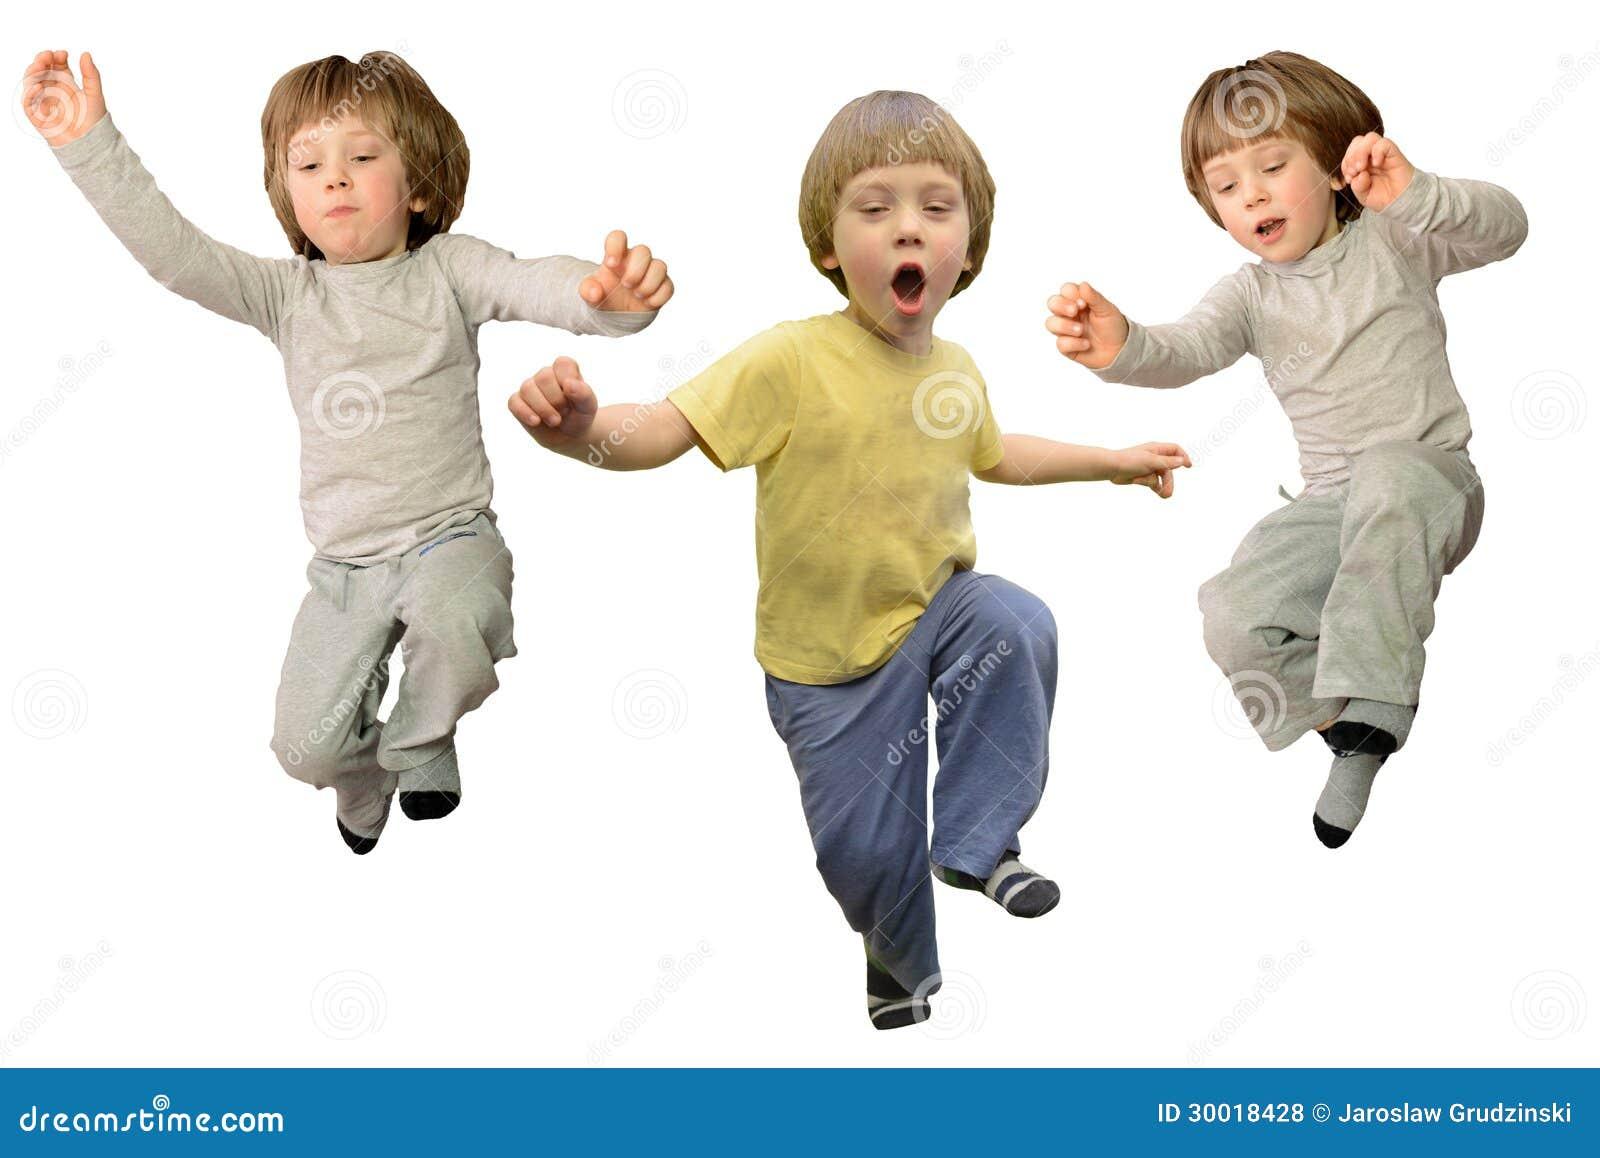 Cute little boy jumping